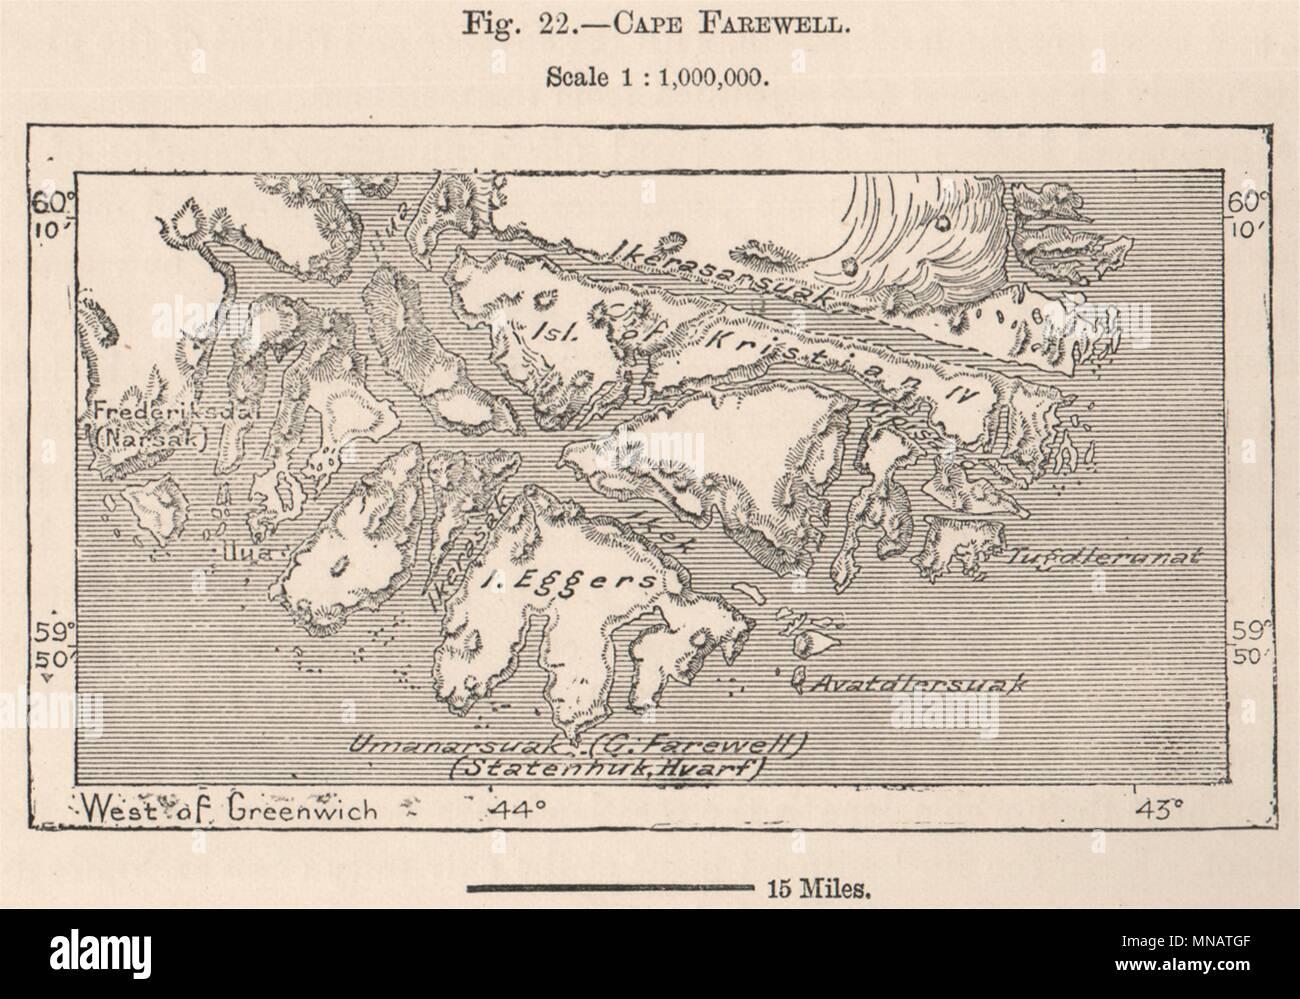 Mogadishu Somalia 1885 old antique vintage map plan chart